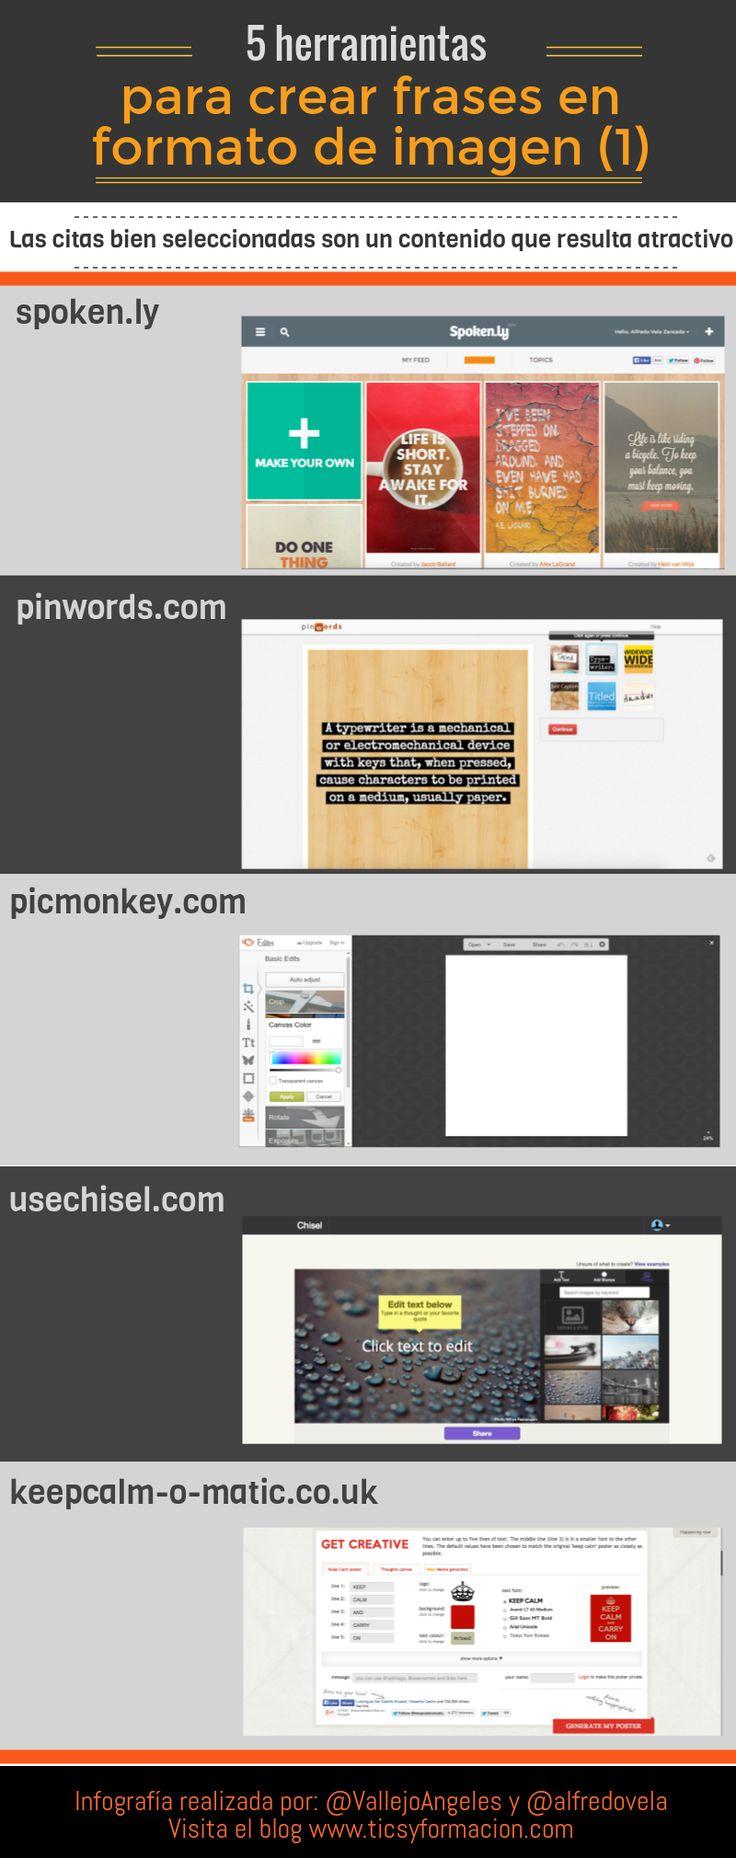 5 herramientas online para crear frases en formato de imagen (1). #infografia